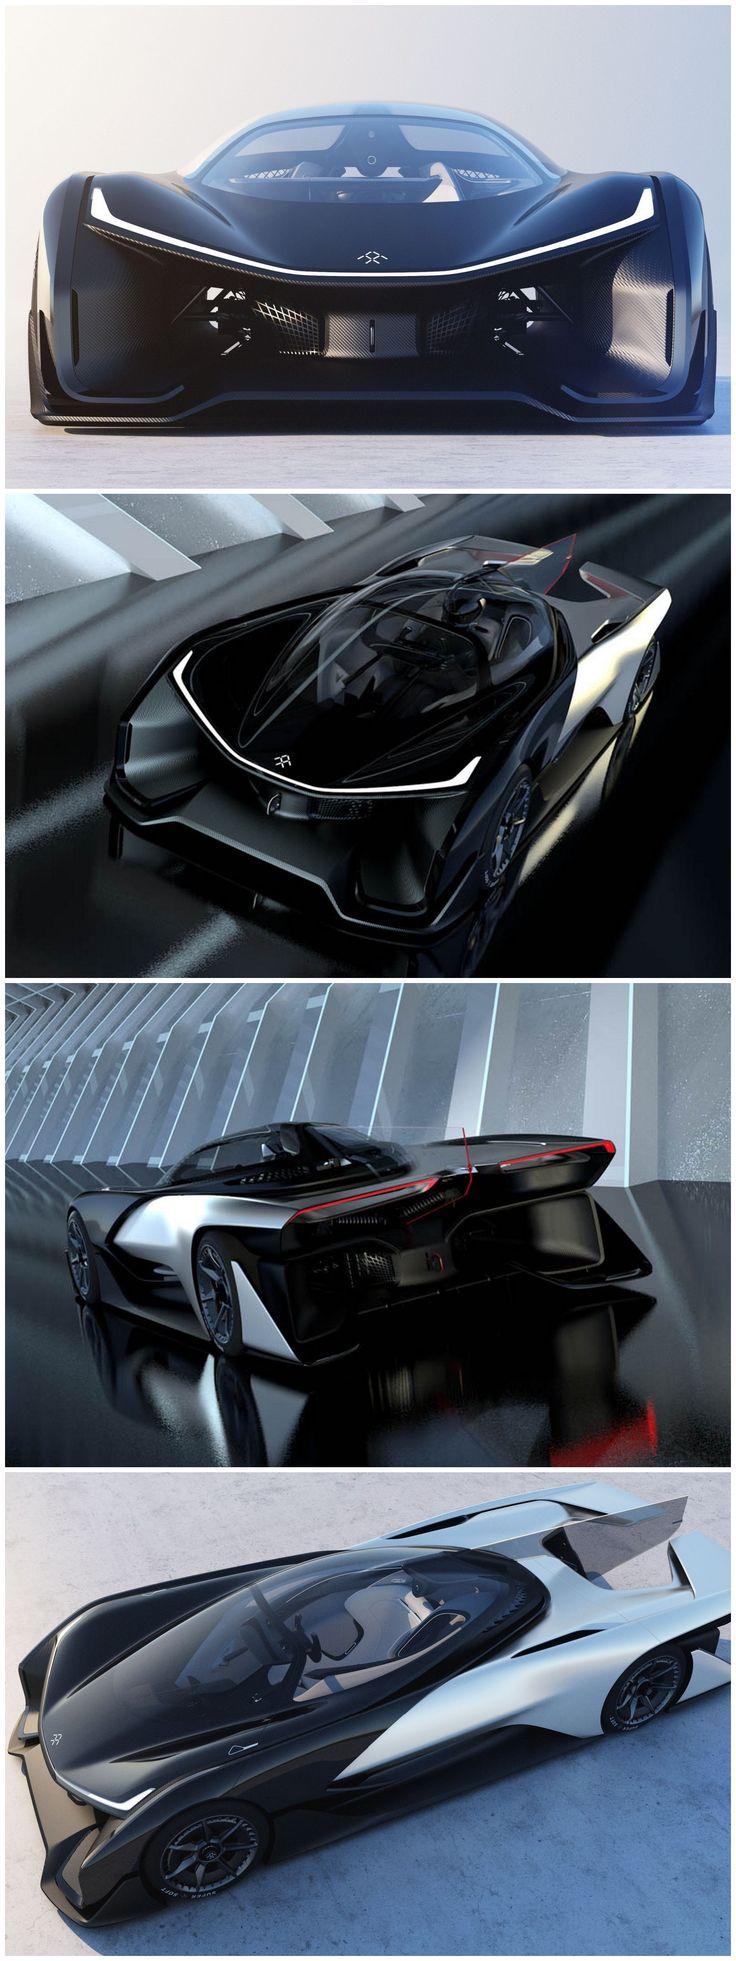 FFZERO 1 concept car